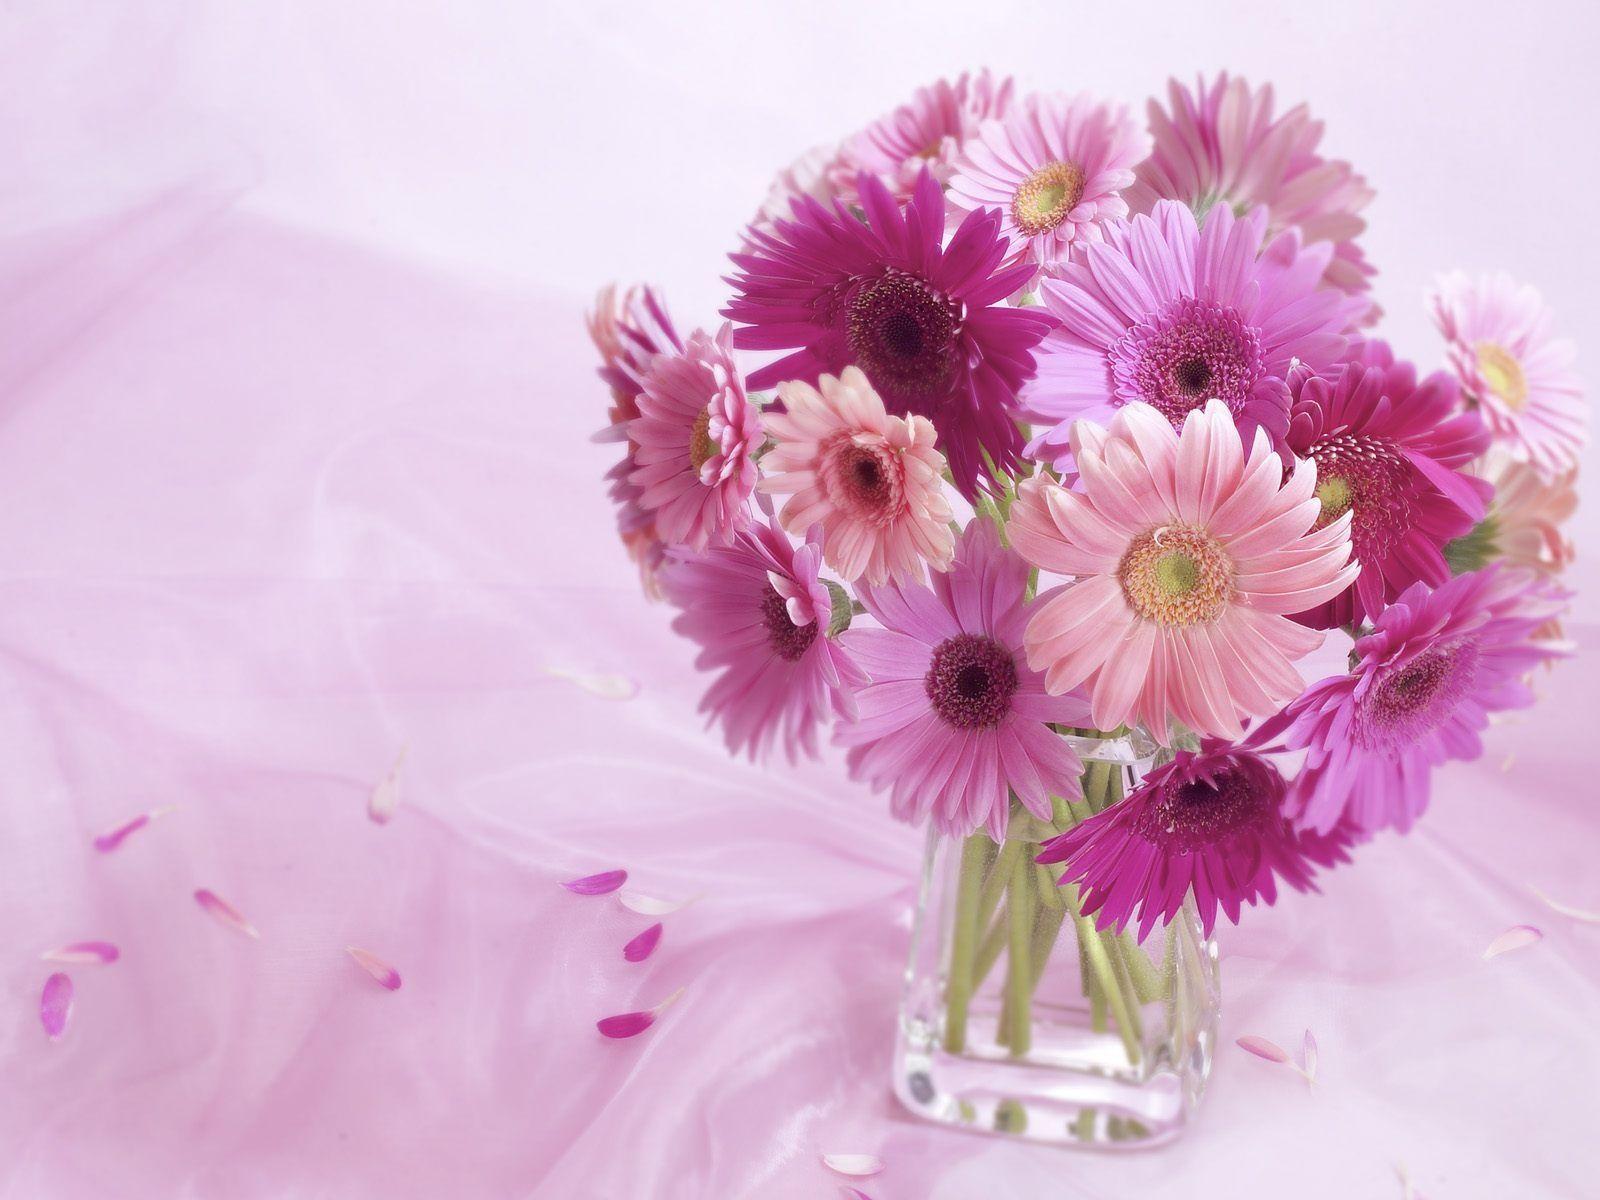 My Favorite Flowers Are Gerbera Daisies 3 Flower Wallpaper Hd Flower Wallpaper Gerbera Daisy